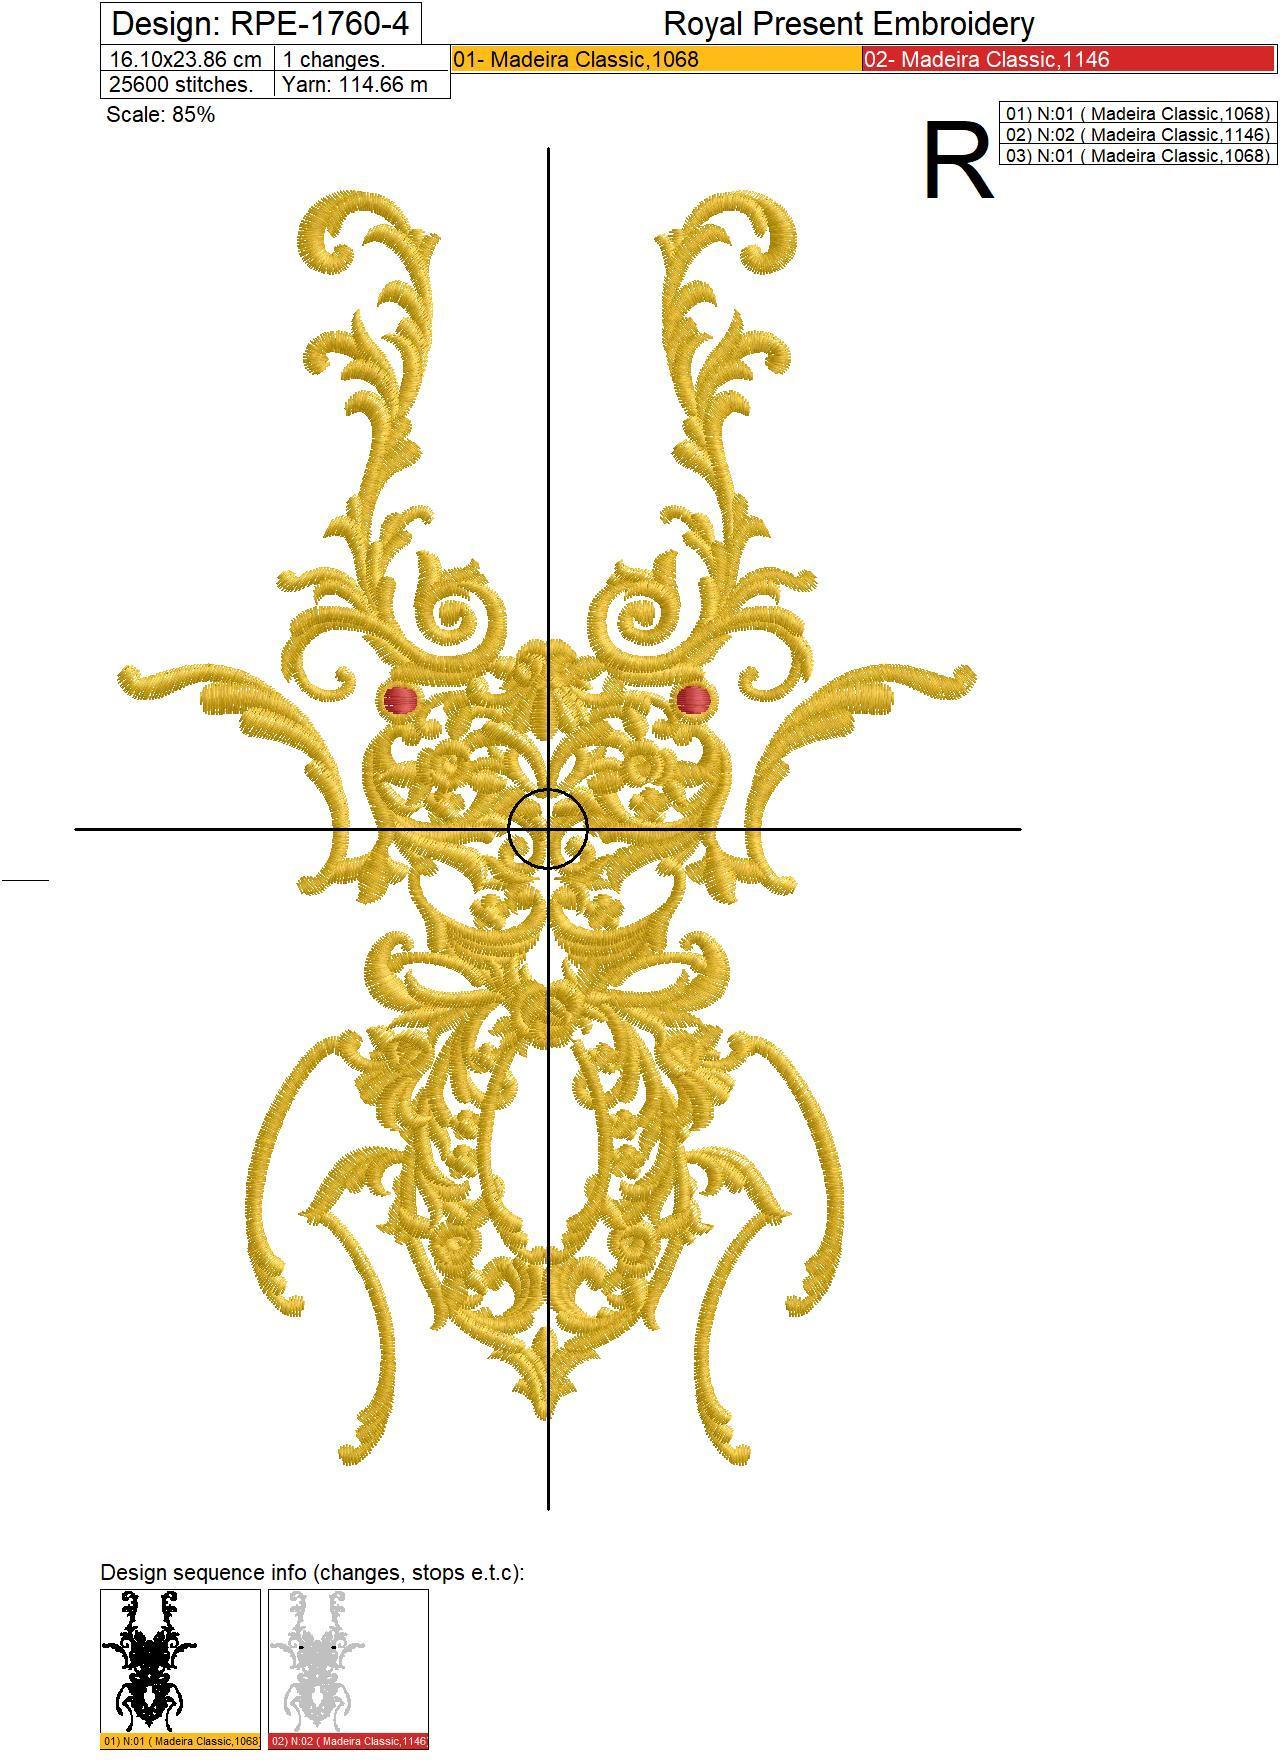 Дизайн машинной вышивки Жук в стиле Версаче - 6 размеров